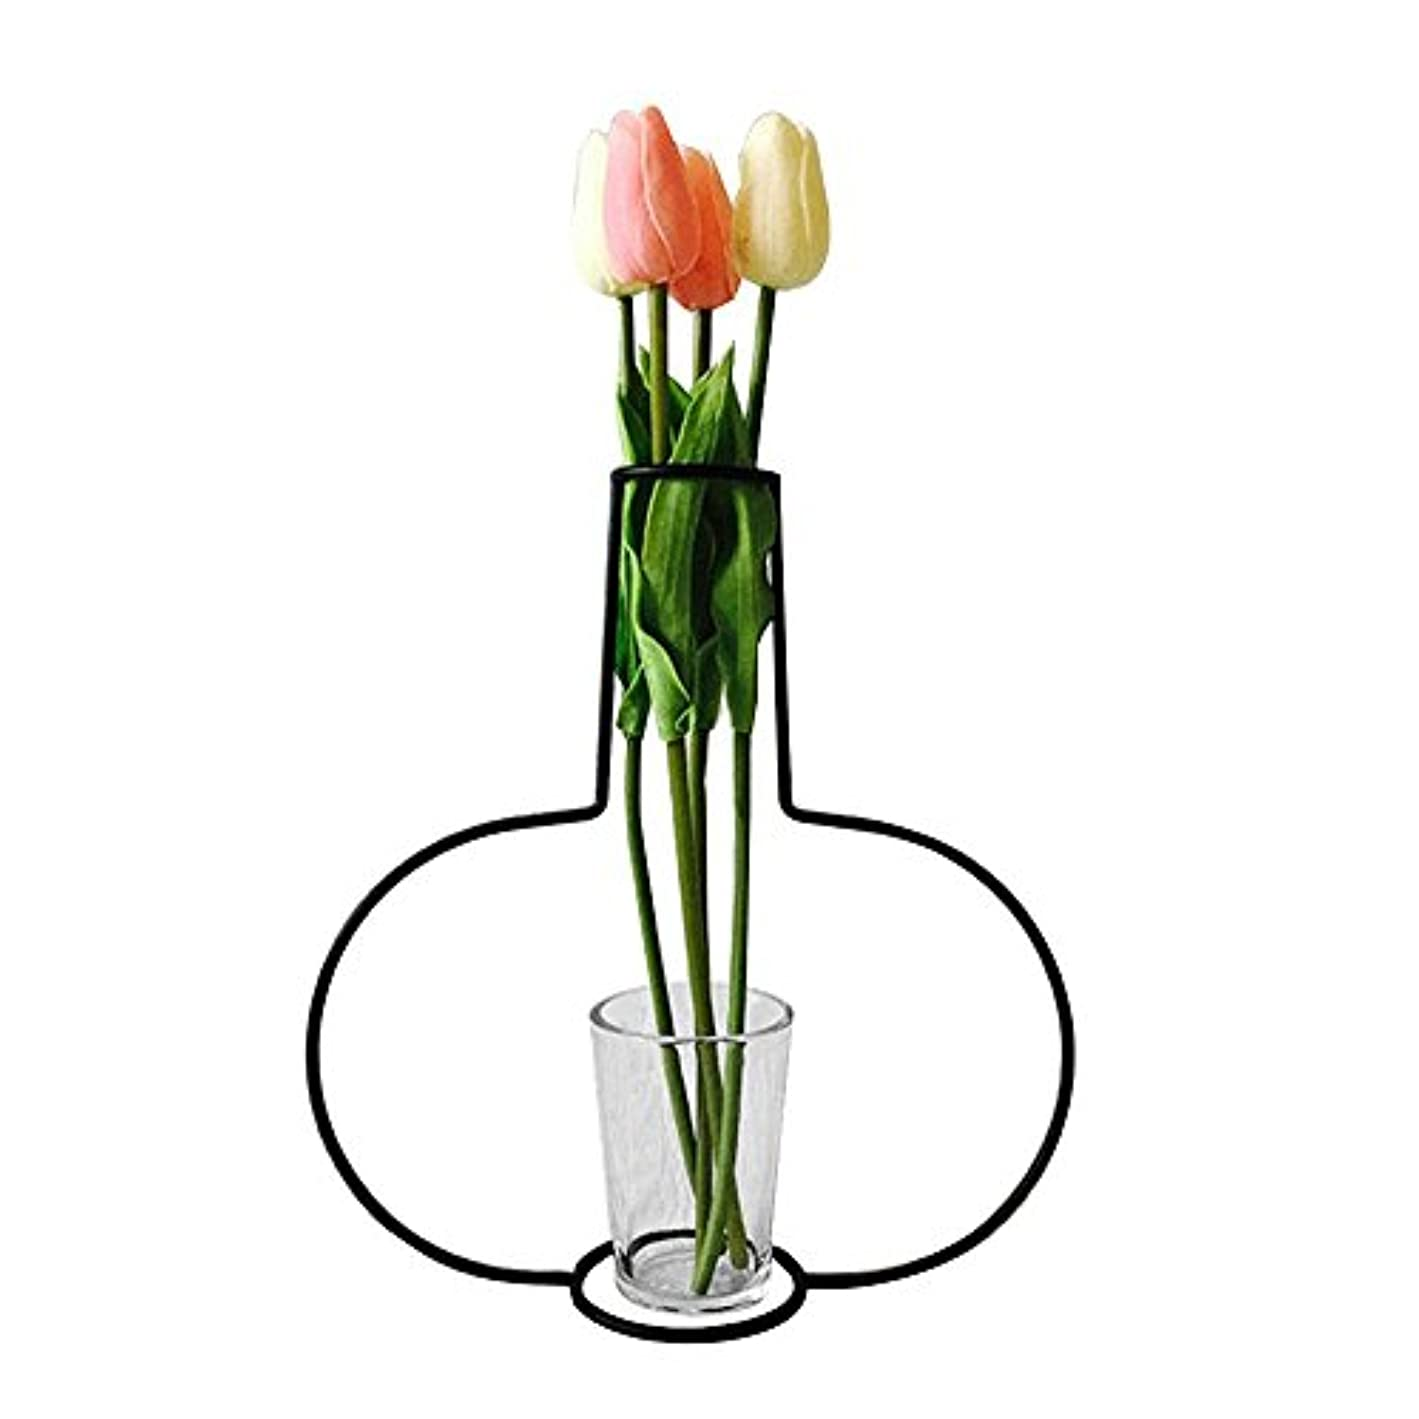 運ぶ禁じるなぜJicorzo - グローブフェアリーミニチュアガーデン装飾アイアンアートクラフトシンプルバルコニーフラワーポットスタンドヴィンテージ家の庭の装飾アクセサリー[G10]